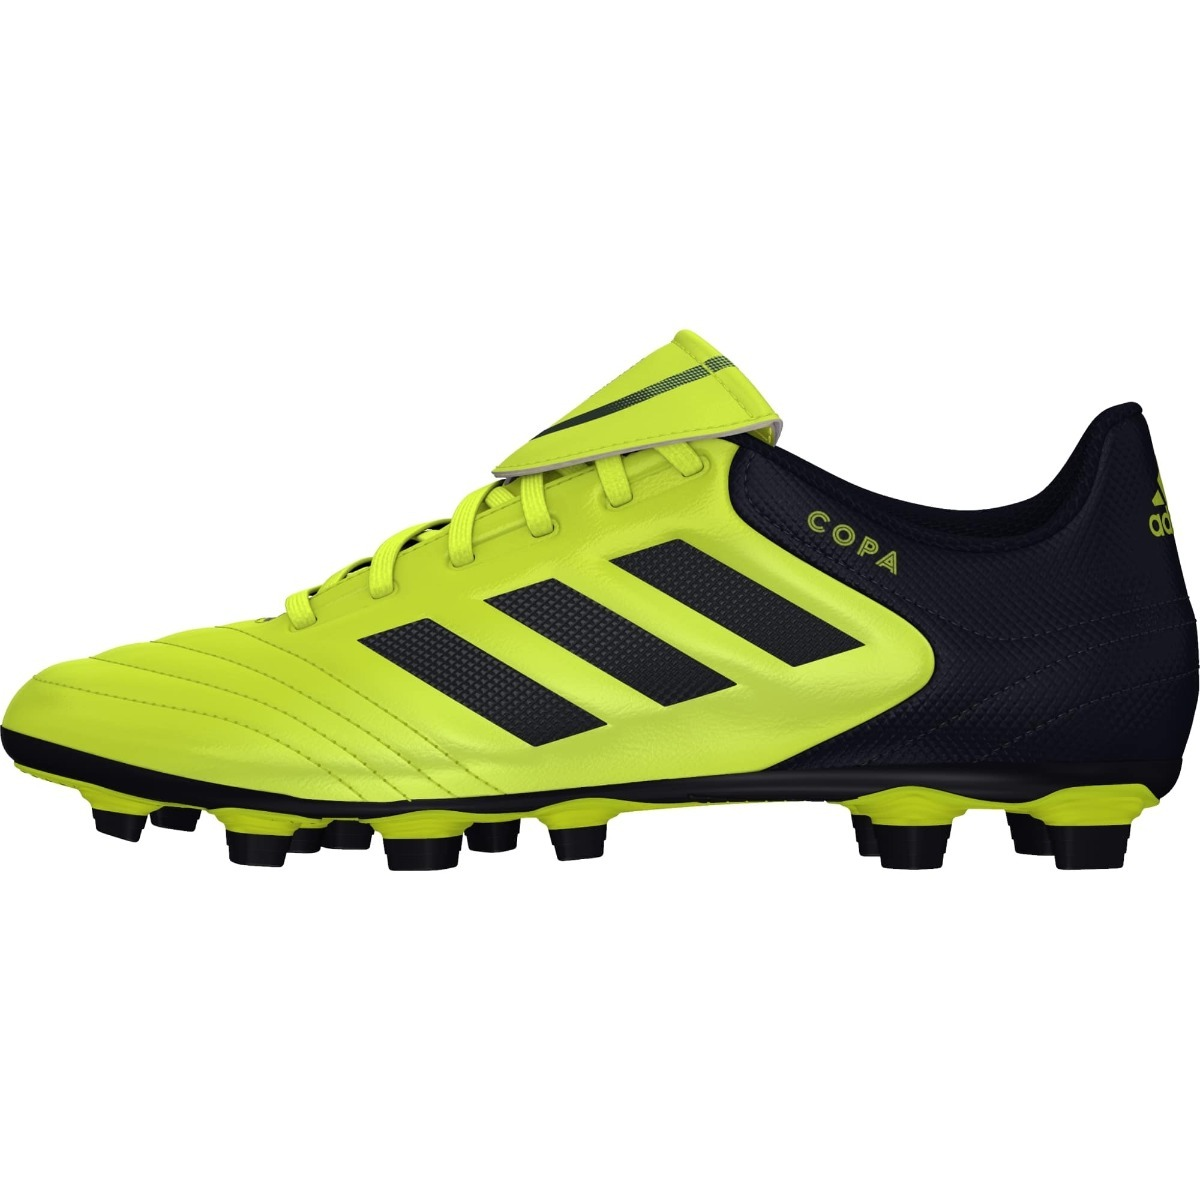 5dd16df3c botines de fútbol adidas copa 17.4 campo  brand sports. Cargando zoom.